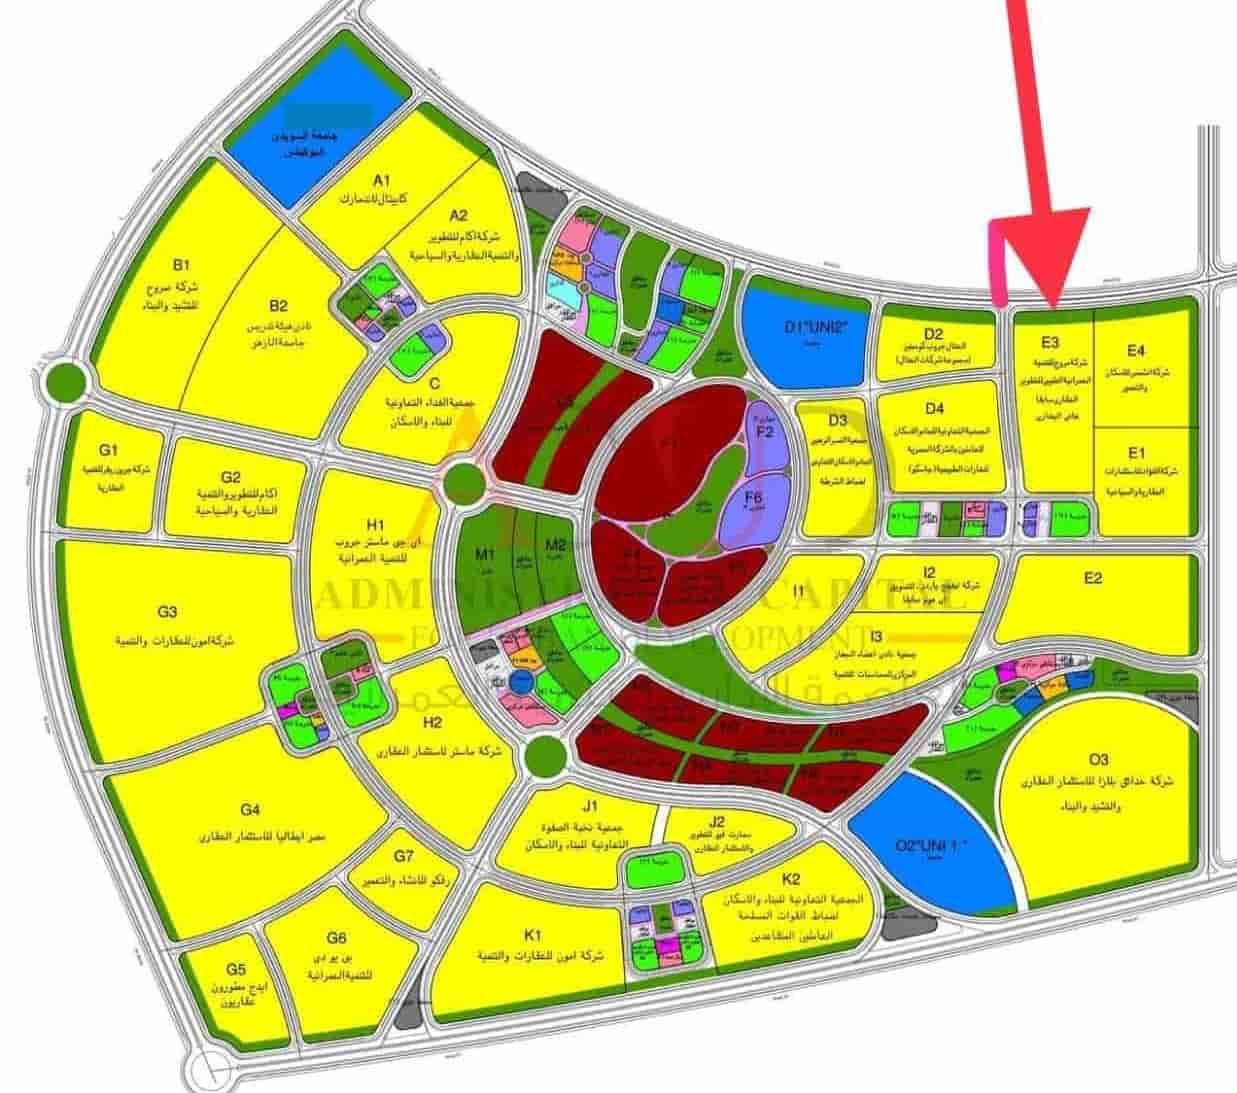 كمبوند ارمونيا العاصمة الادارية الجديدة – Armonia New Capital